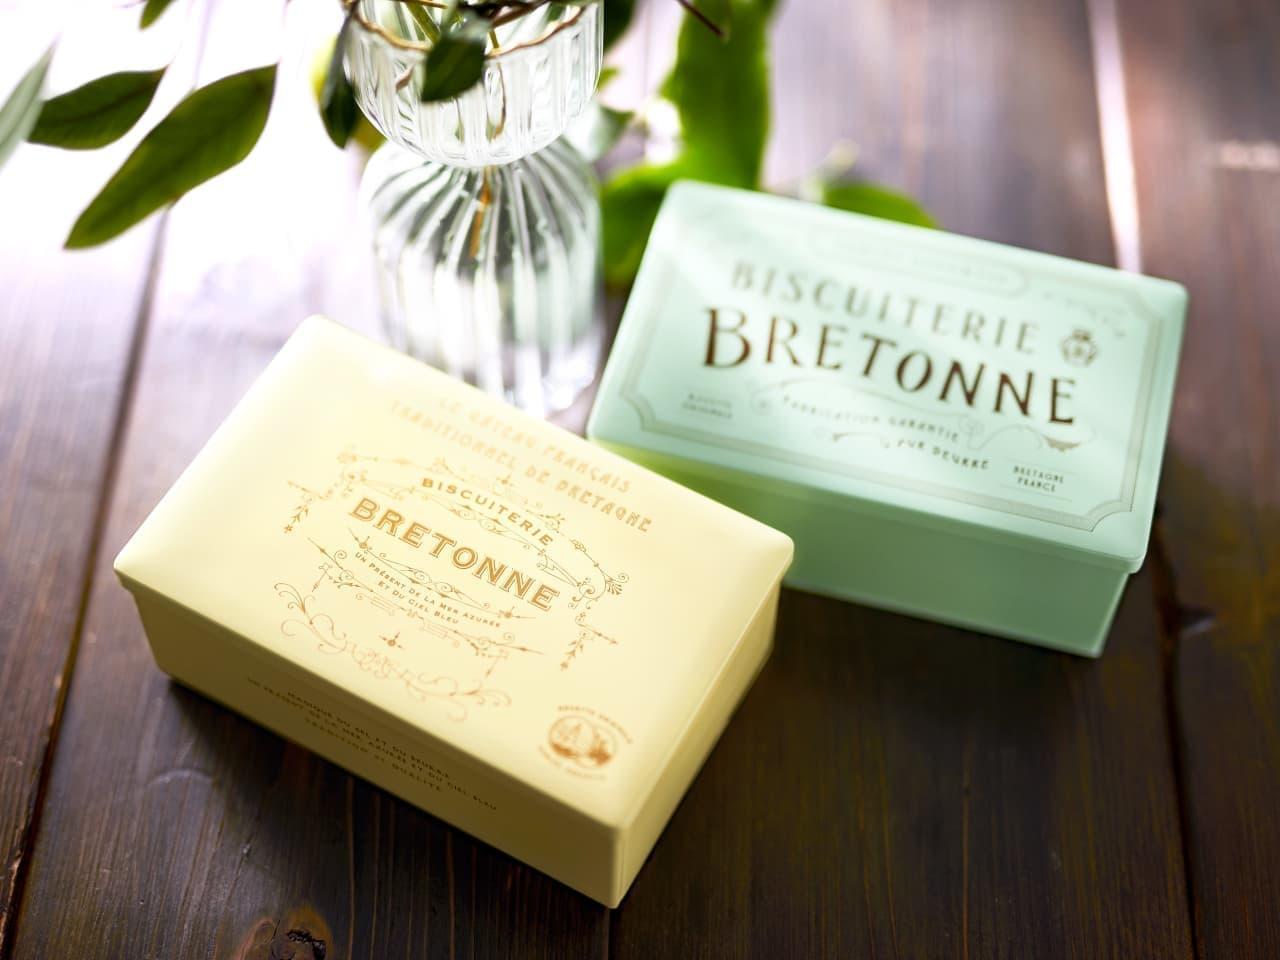 ブルトンヌ「シトロン缶」